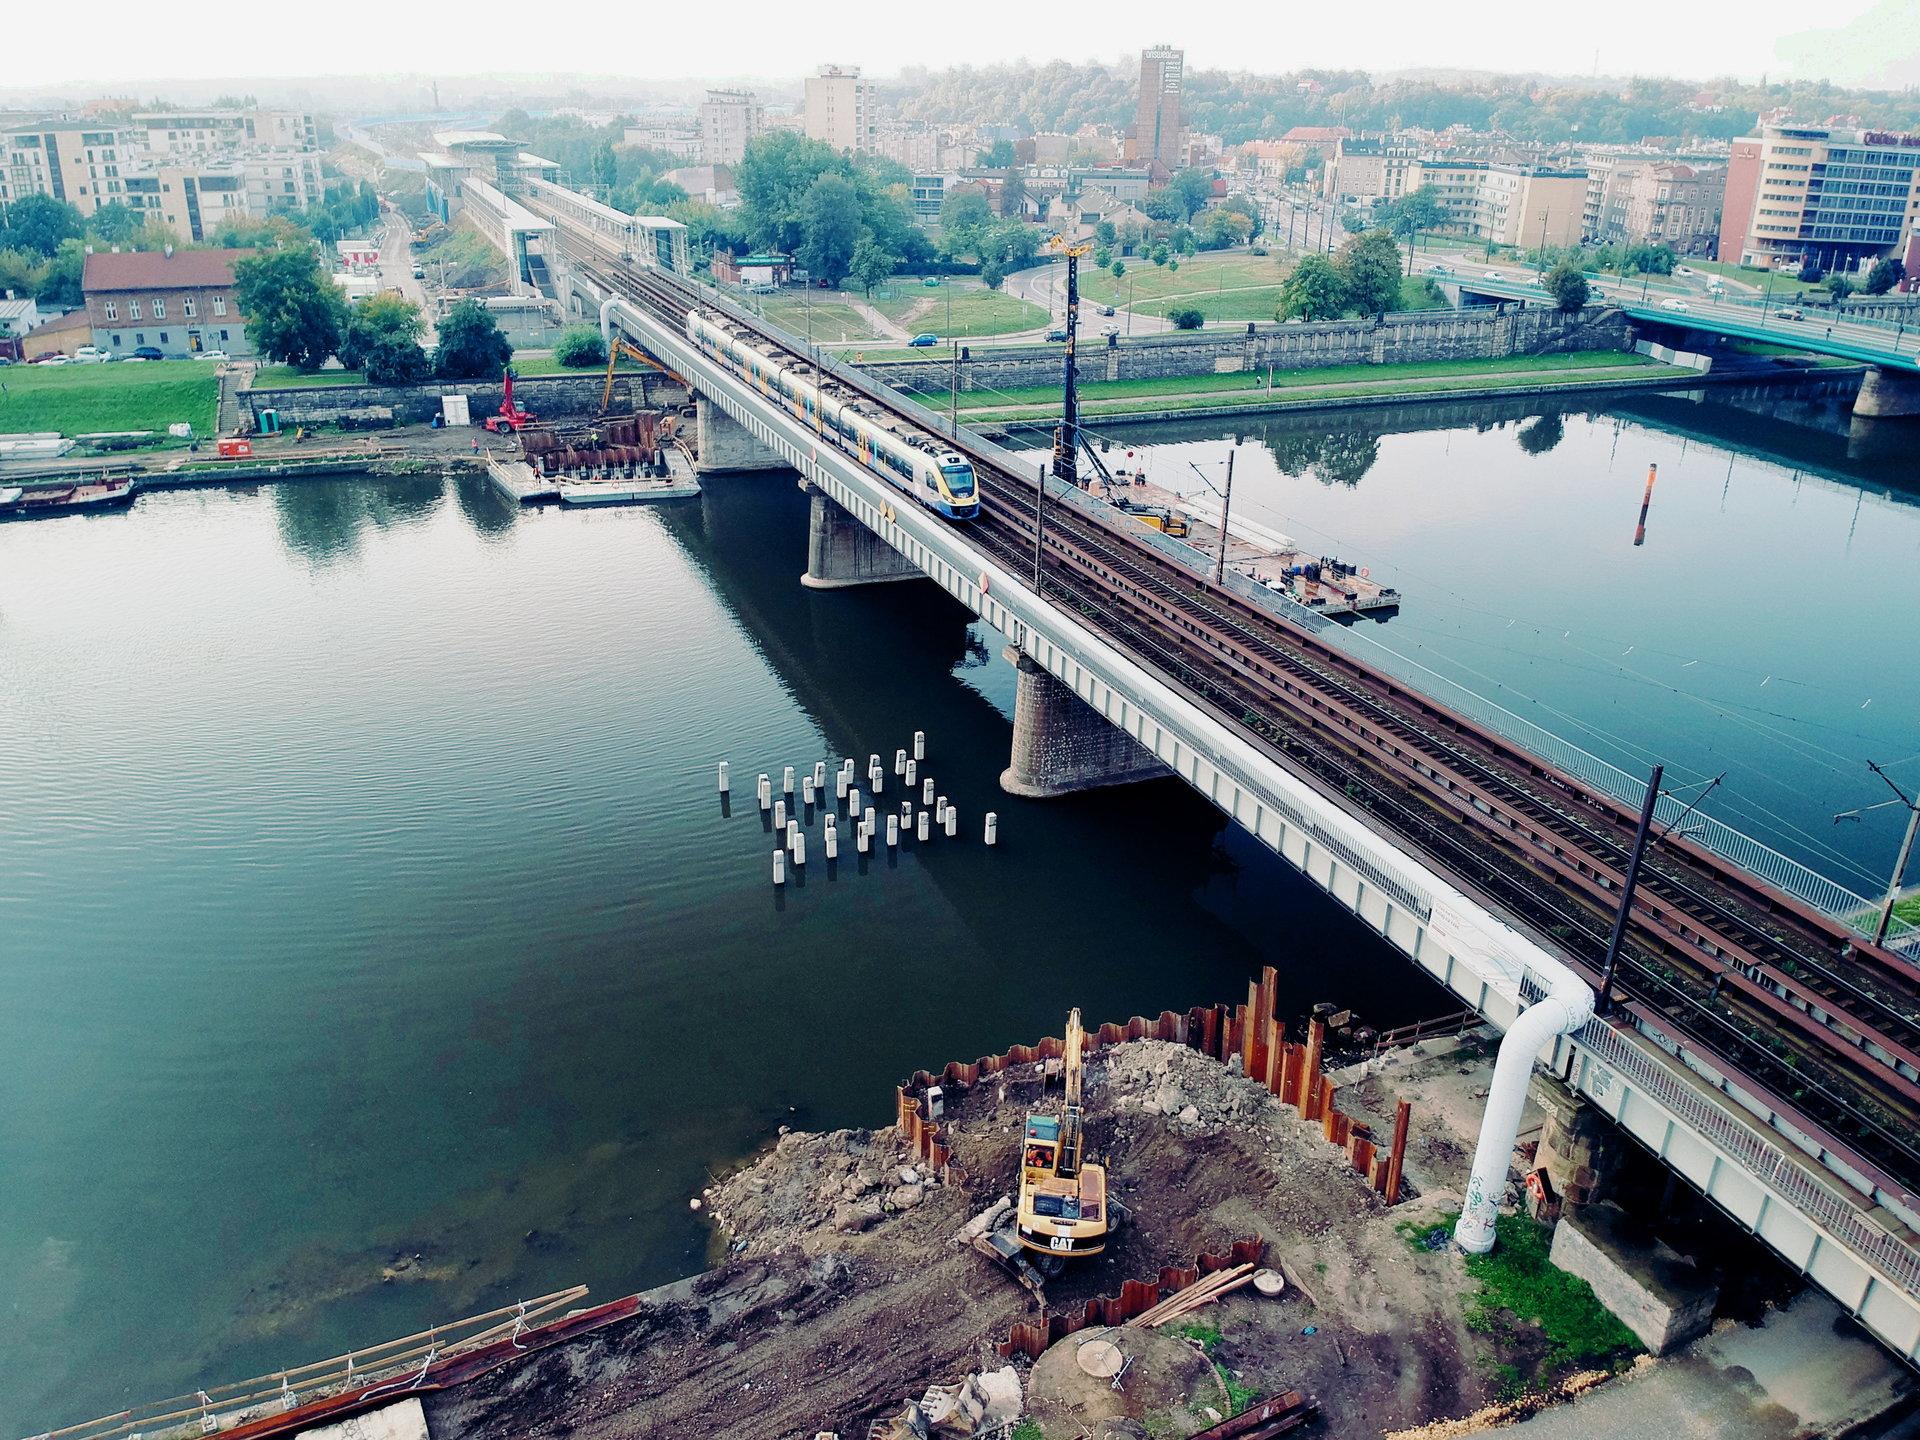 Krakowska linia średnicowa: W 2019 roku nowy most na Wiśle dostępny dla pociągów